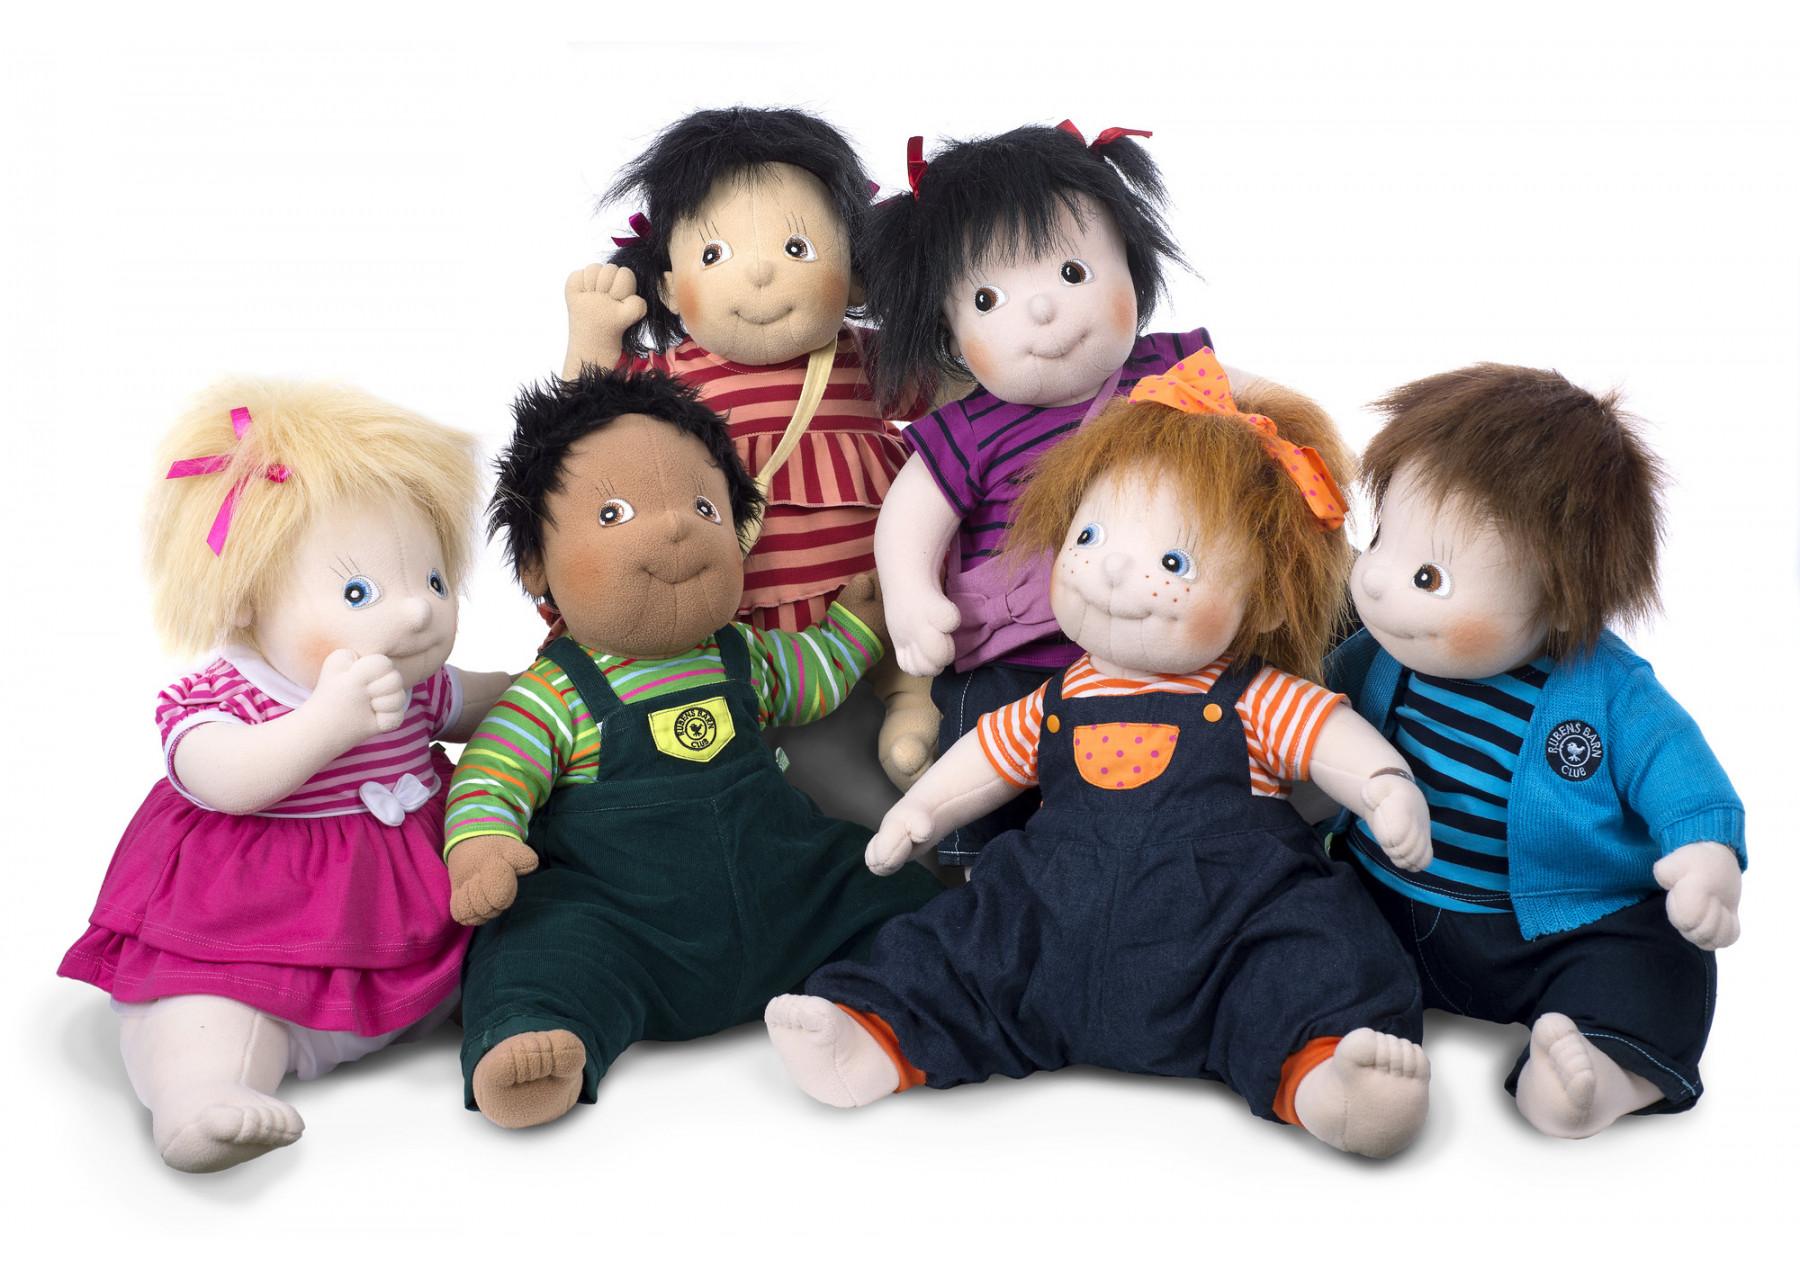 Rubens Barn Original - La poupée d'empathie, design et qualité suédois